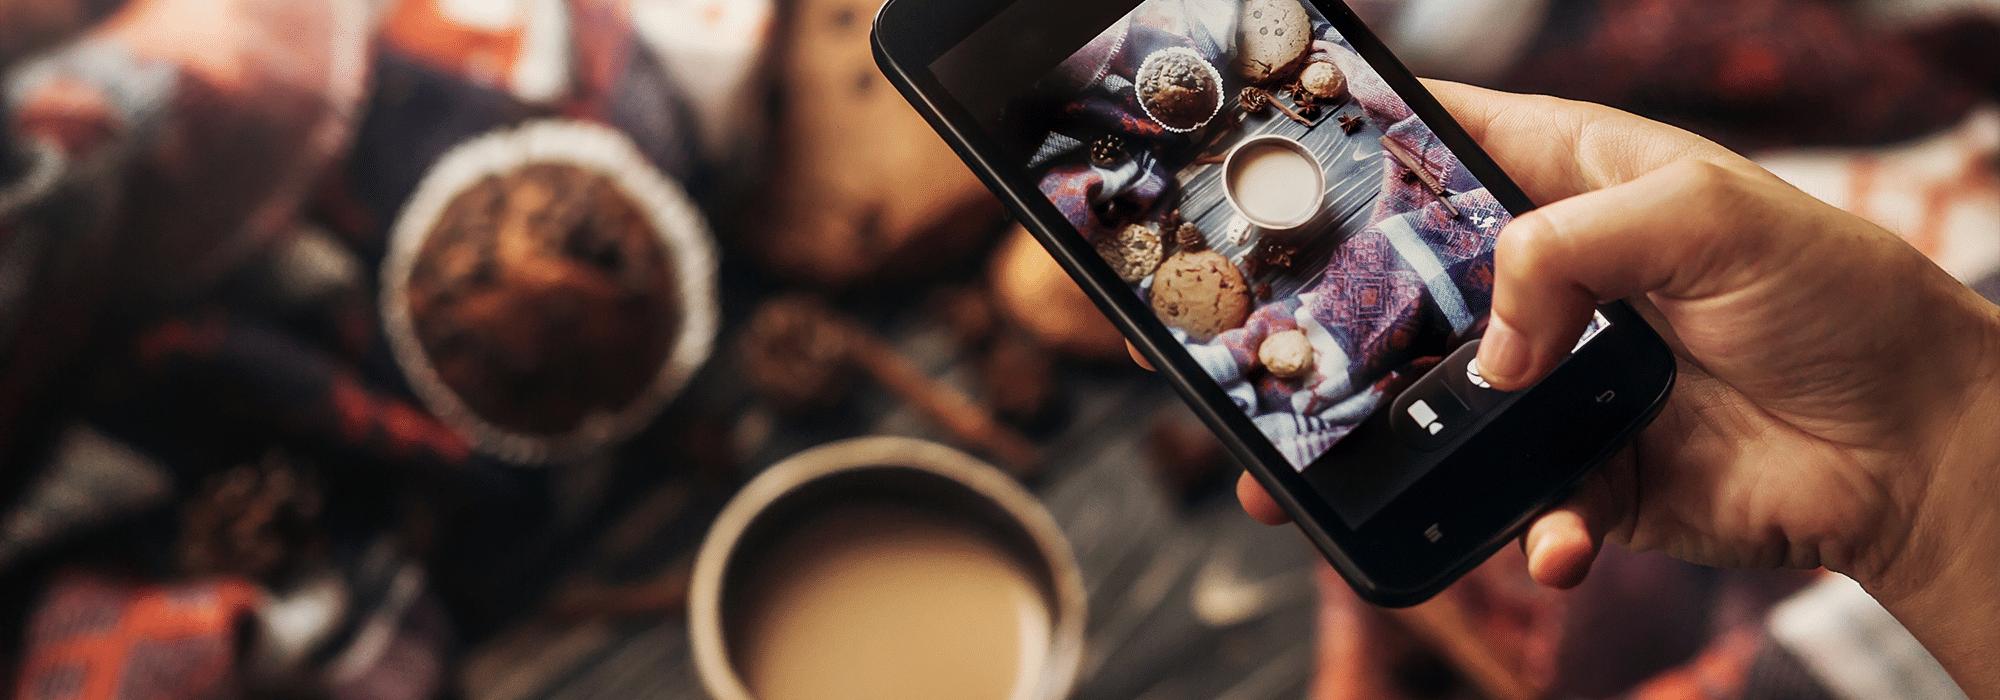 Instagram Shopping – Kjøp varer rett fra feeden